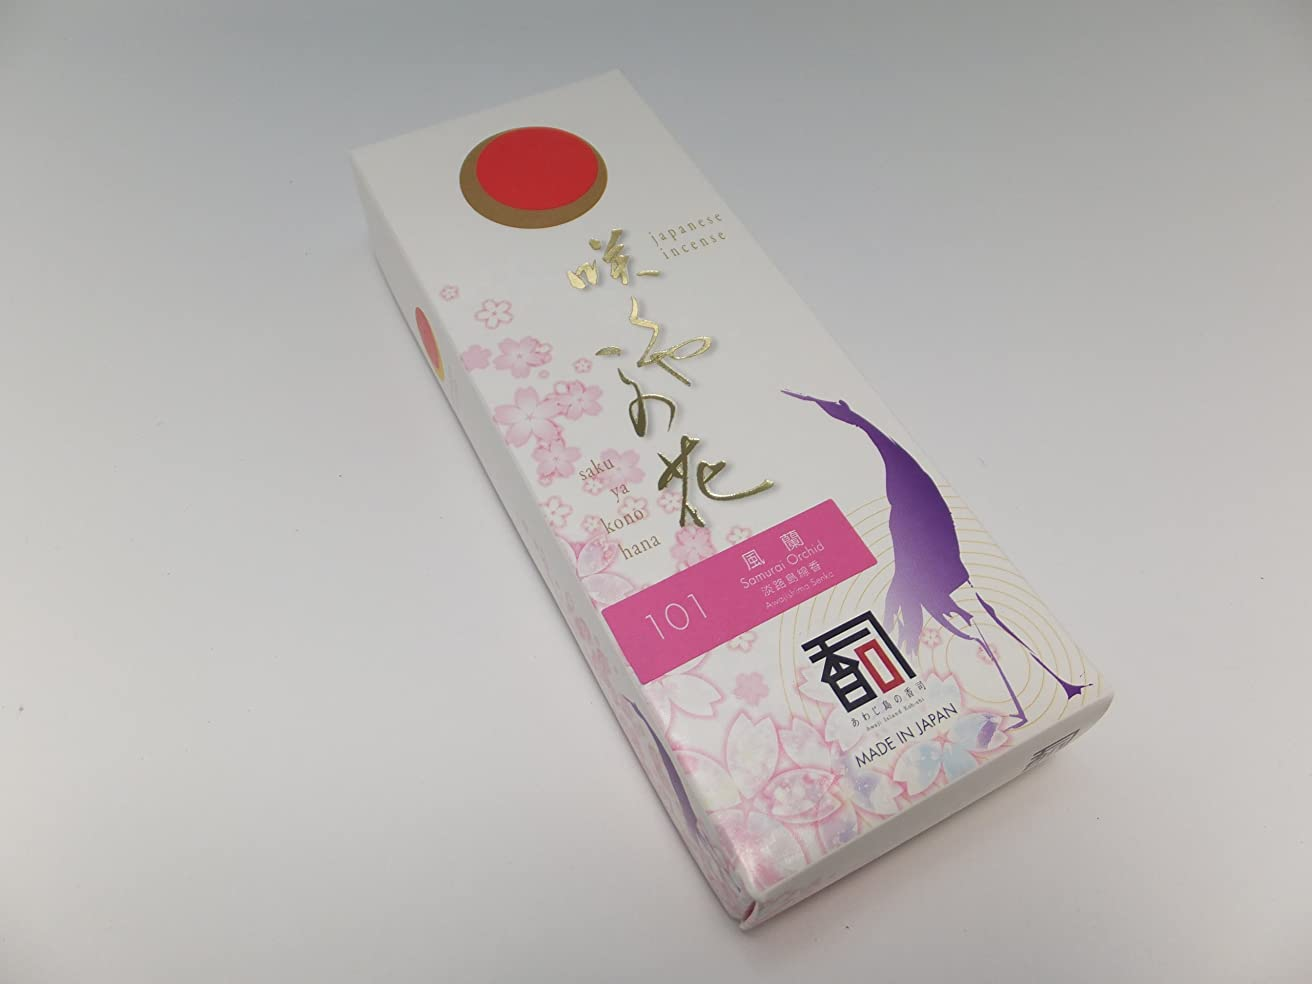 ダッシュ収束偽物「あわじ島の香司」 日本の香りシリーズ  [咲くや この花] 【101】 風蘭 (煙少)